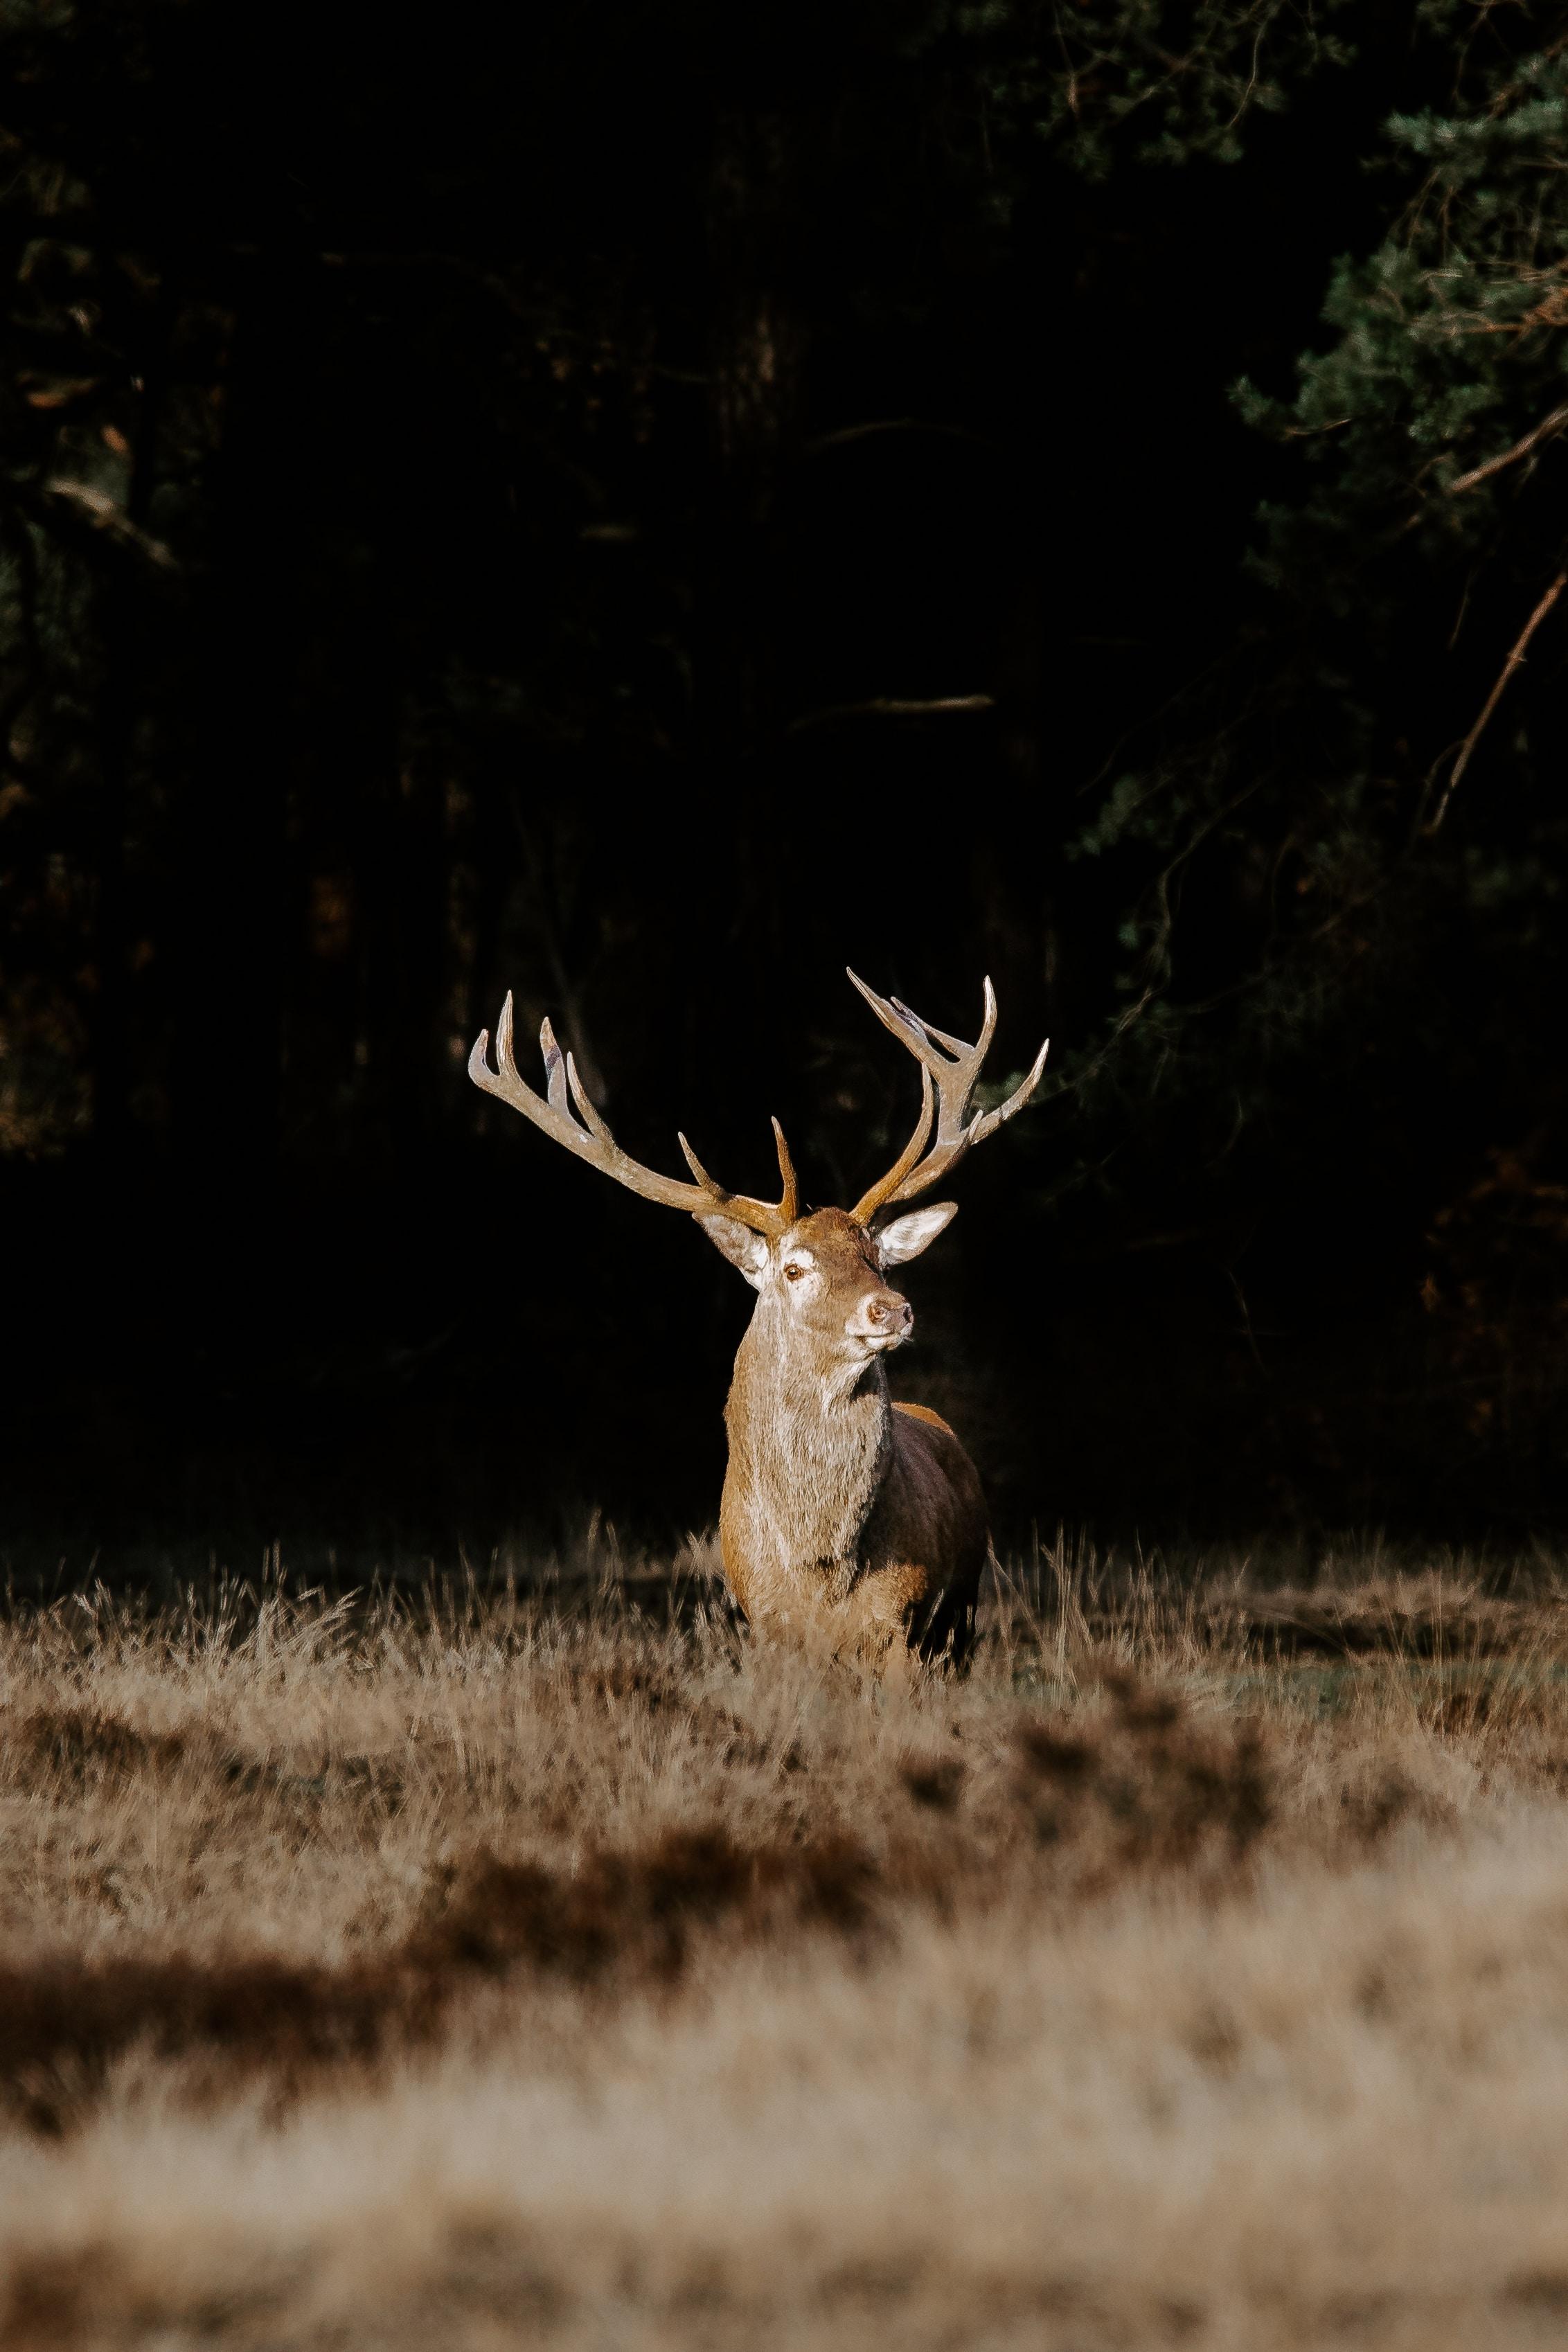 brown buck on grass field